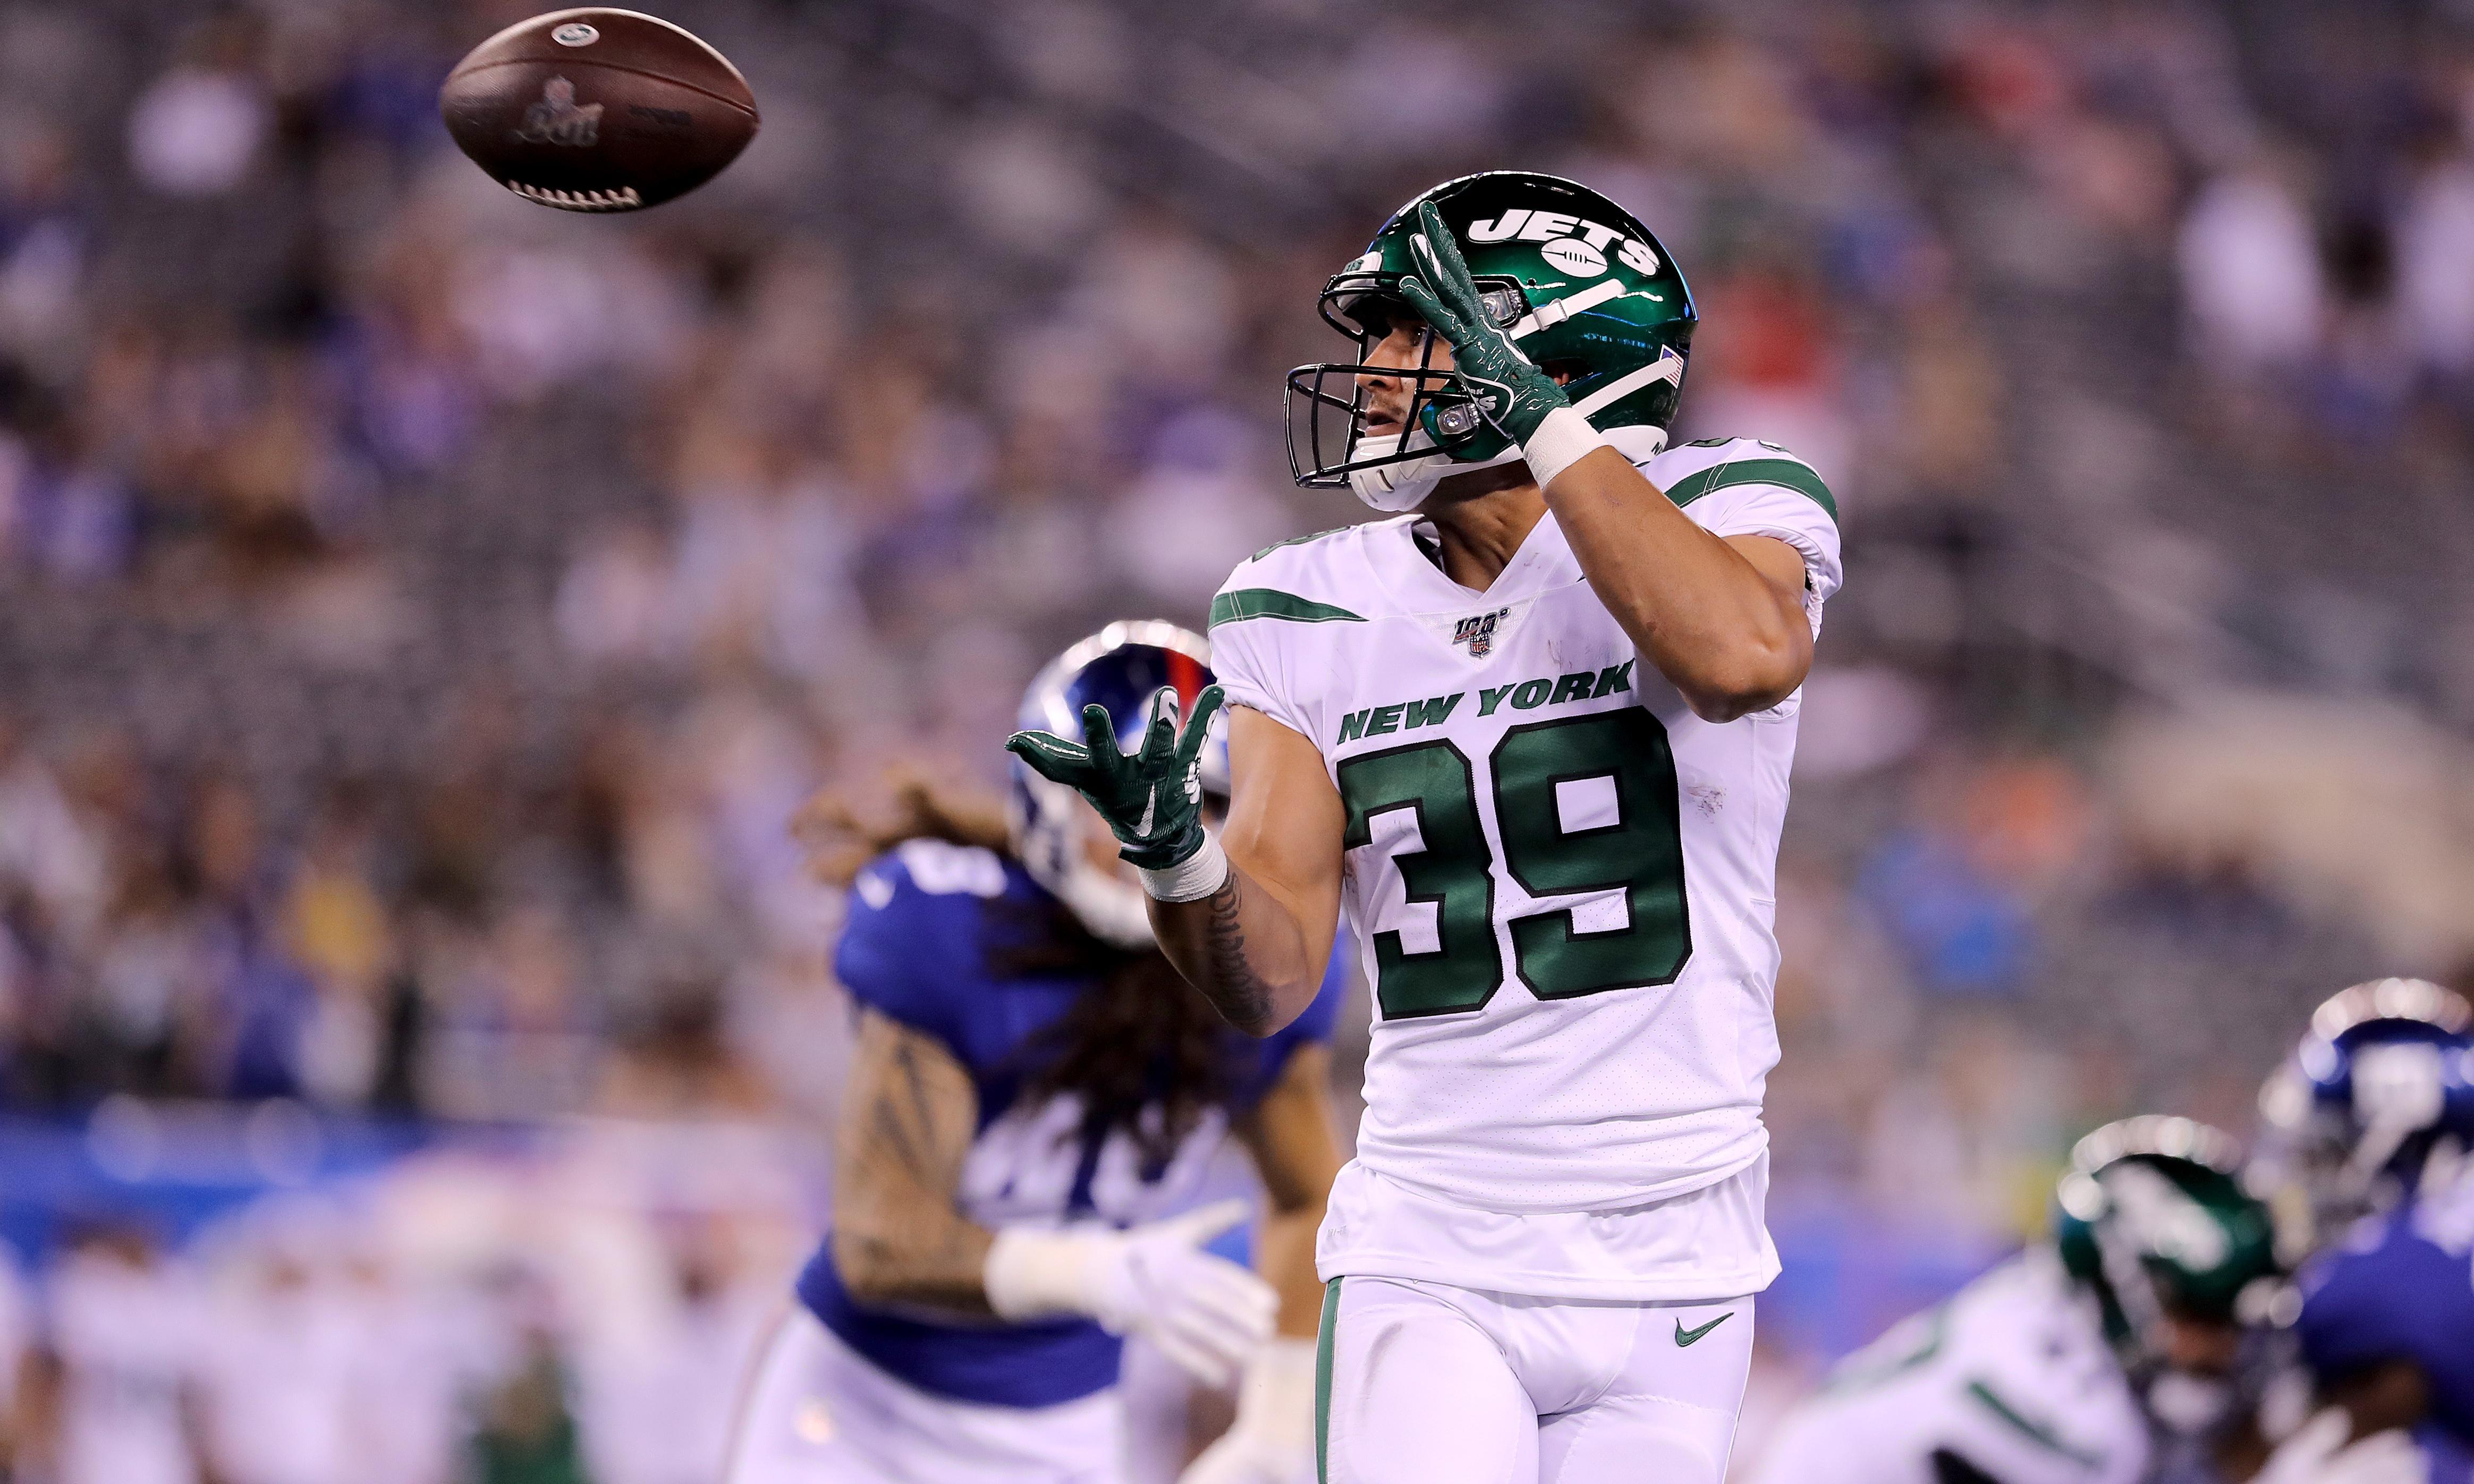 Valentine Holmes impresses on NFL debut for New York Jets